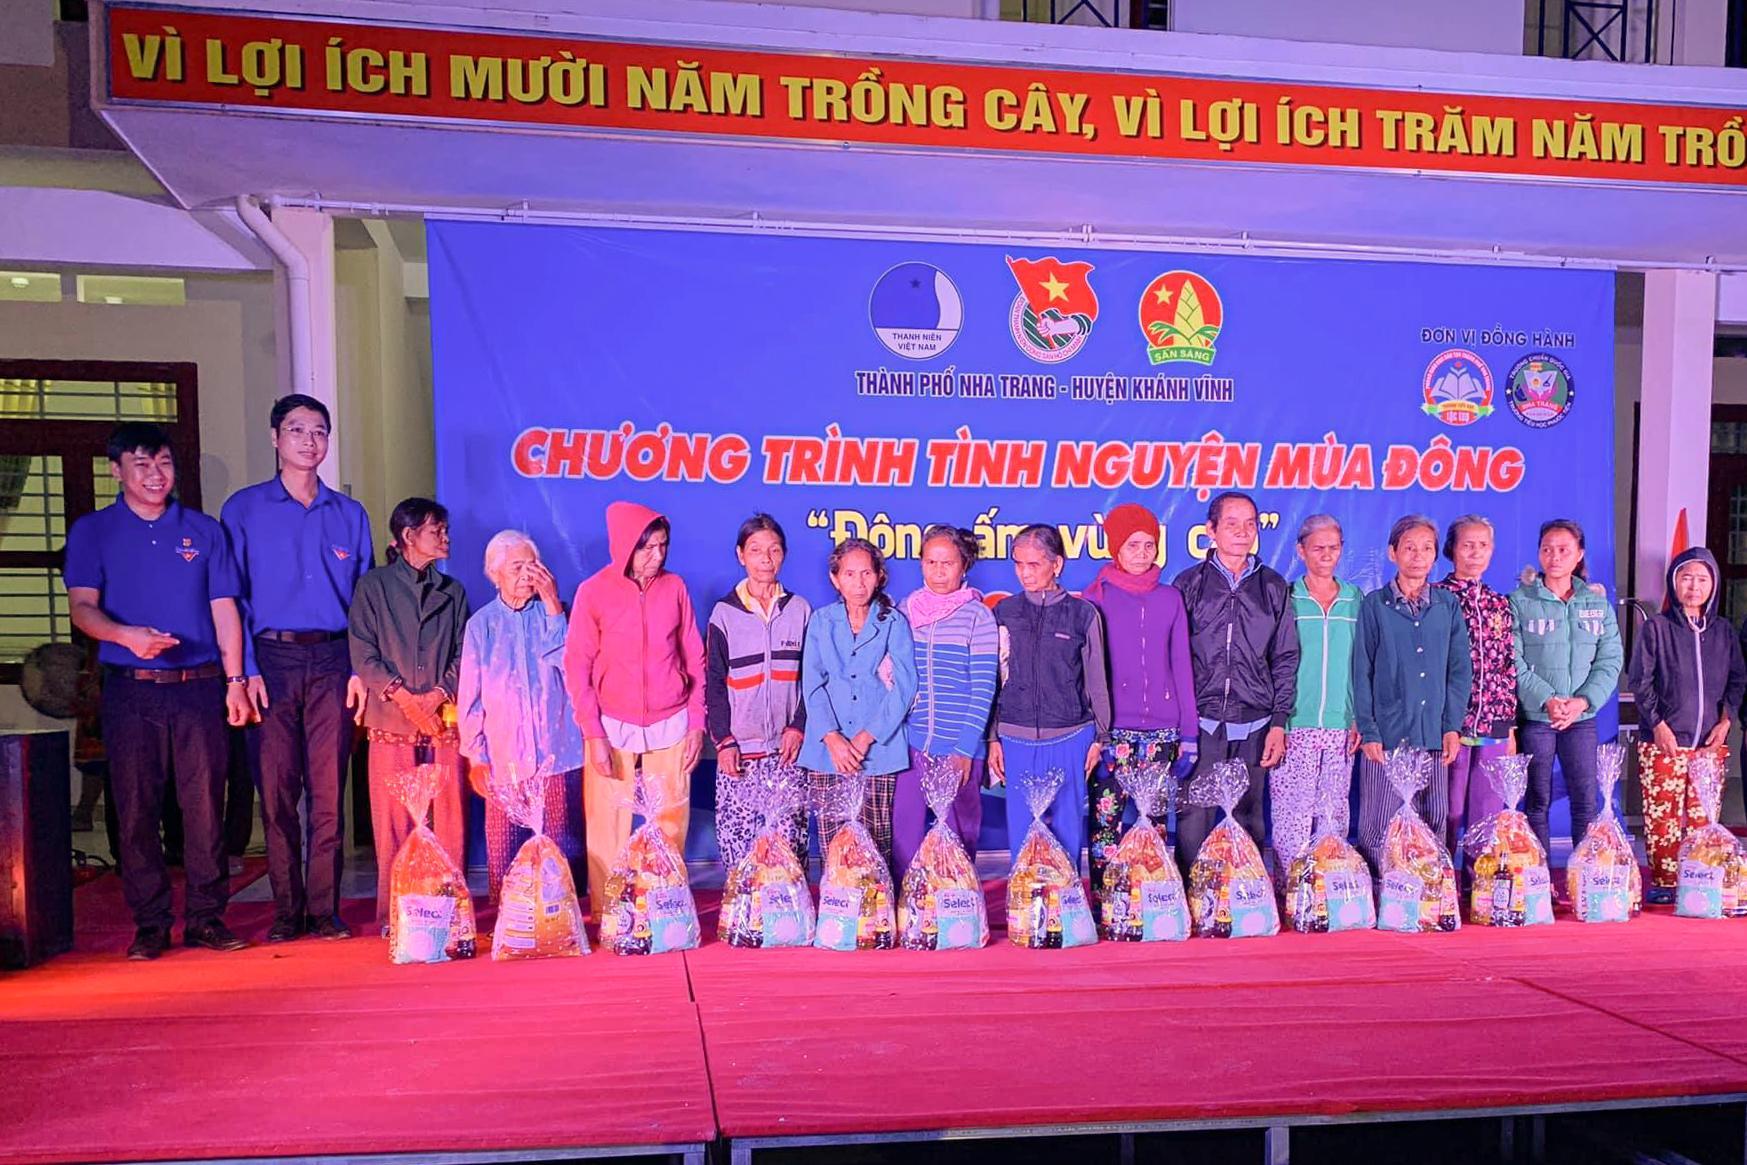 Tổ chức chương trình Tình nguyện mùa Đông tại huyện Khánh Vĩnh Ảnh 3